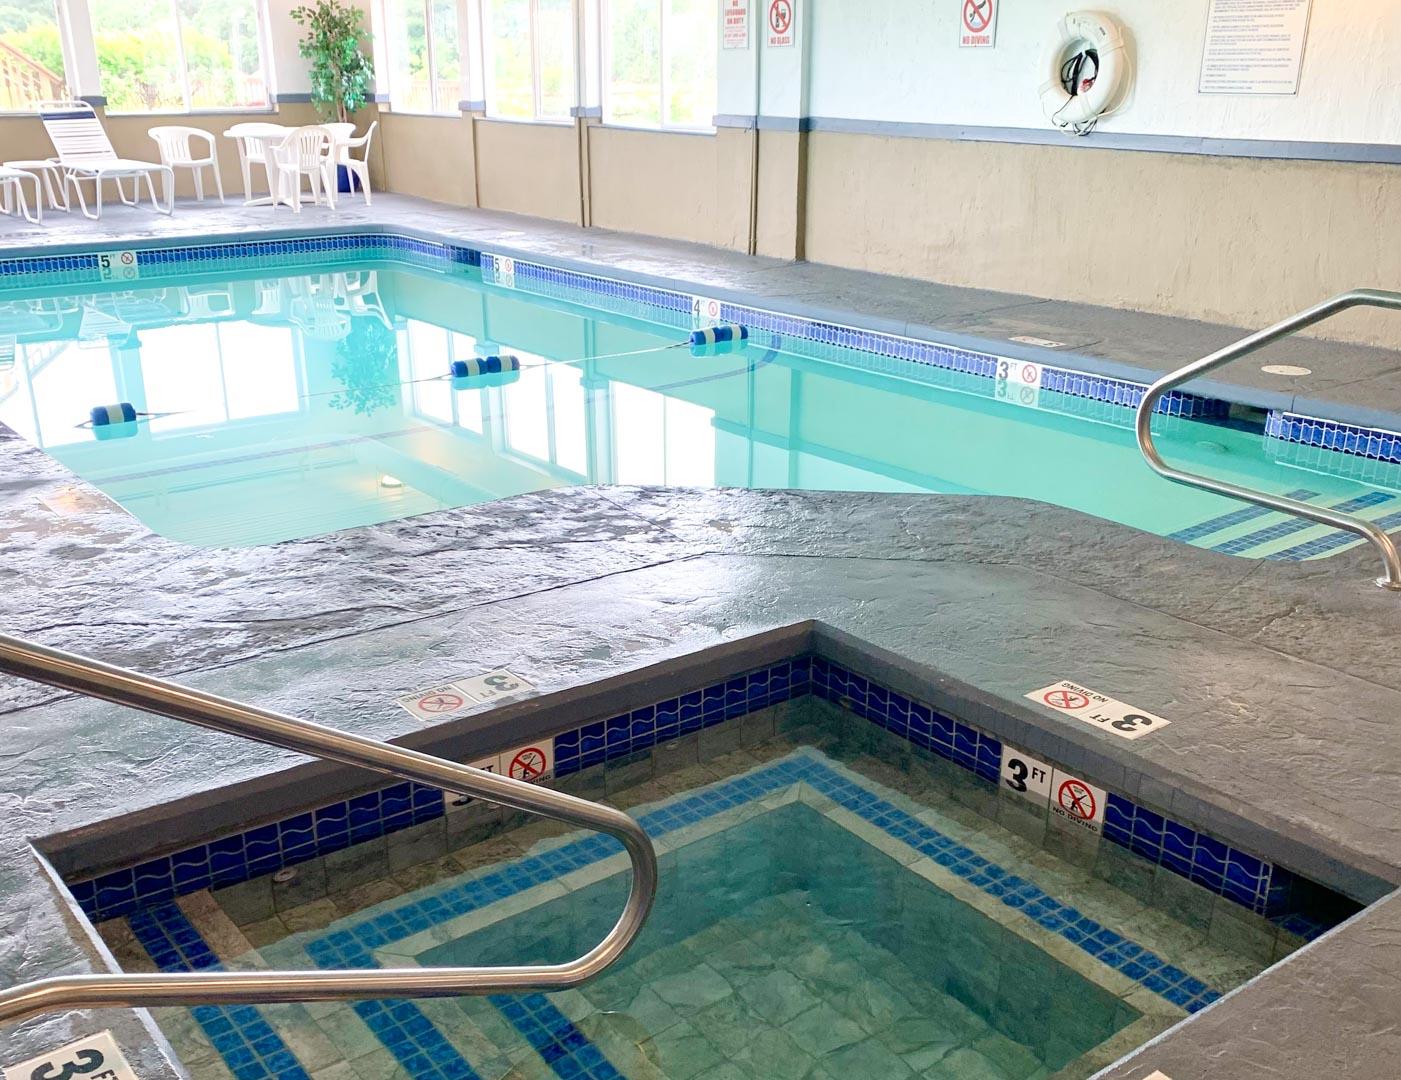 Riverview Resort - Resort Amenities - Indoor Pool